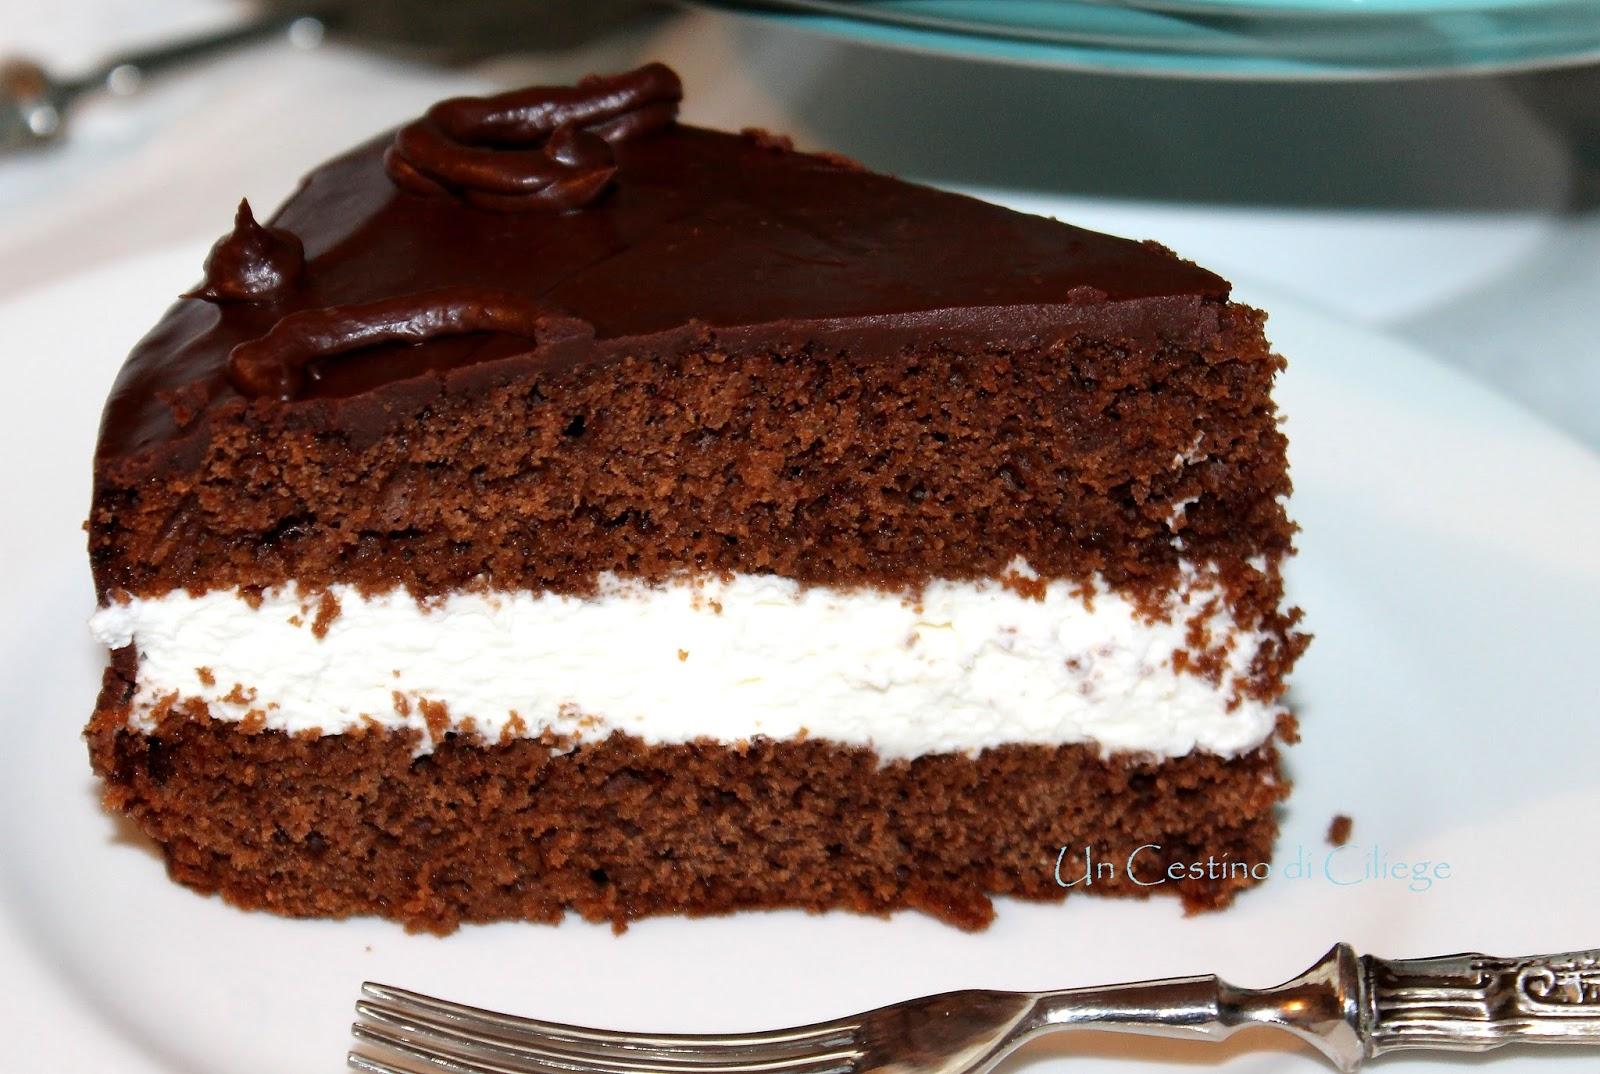 Torta al cioccolato con crema al mascarpone e frutti di